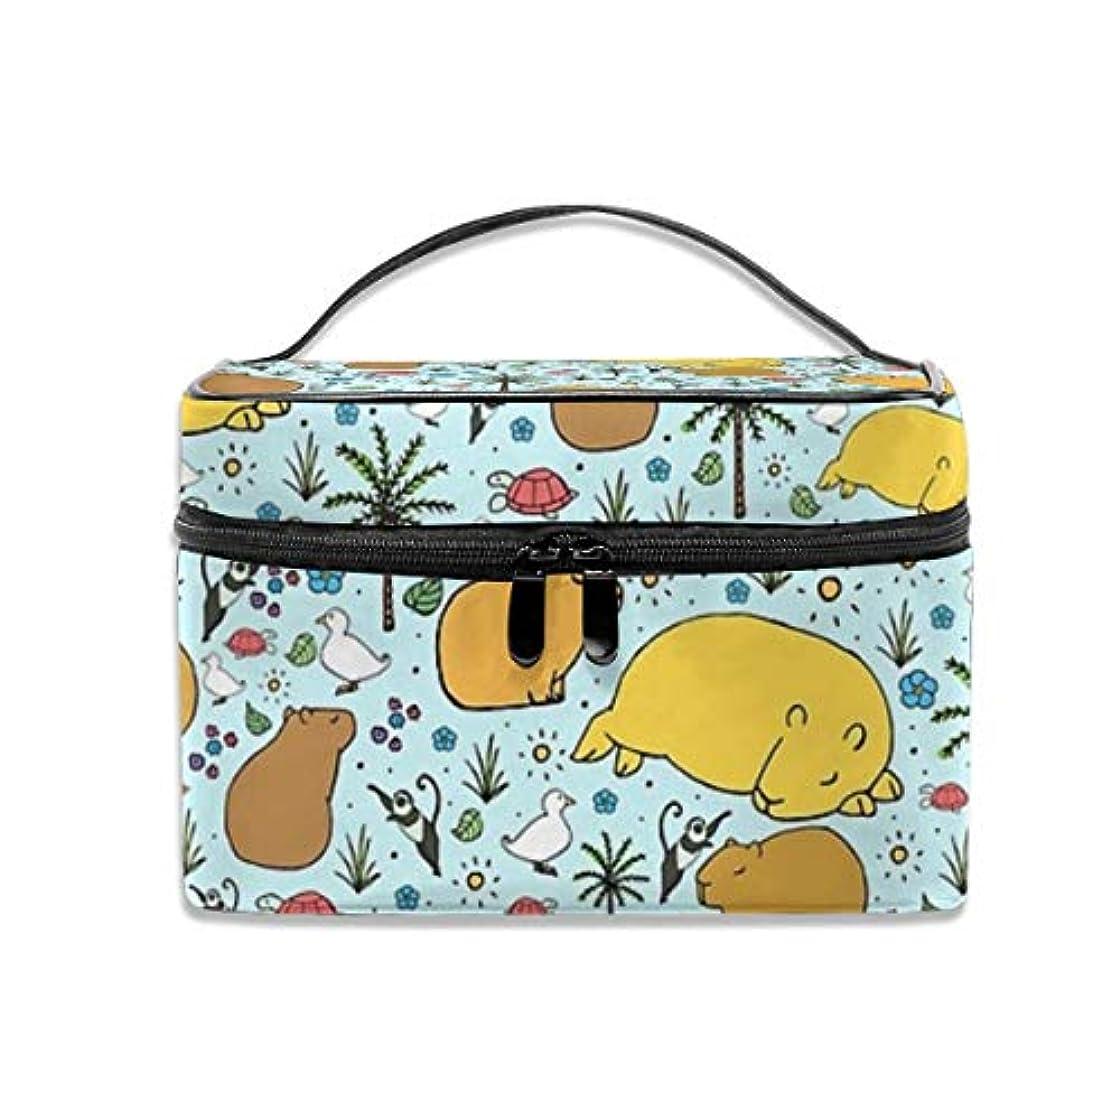 労苦移動する広告するCapybaras化粧バッグポータブル旅行化粧品バッグオーガナイザージッパートイレタリーバッグ用女性